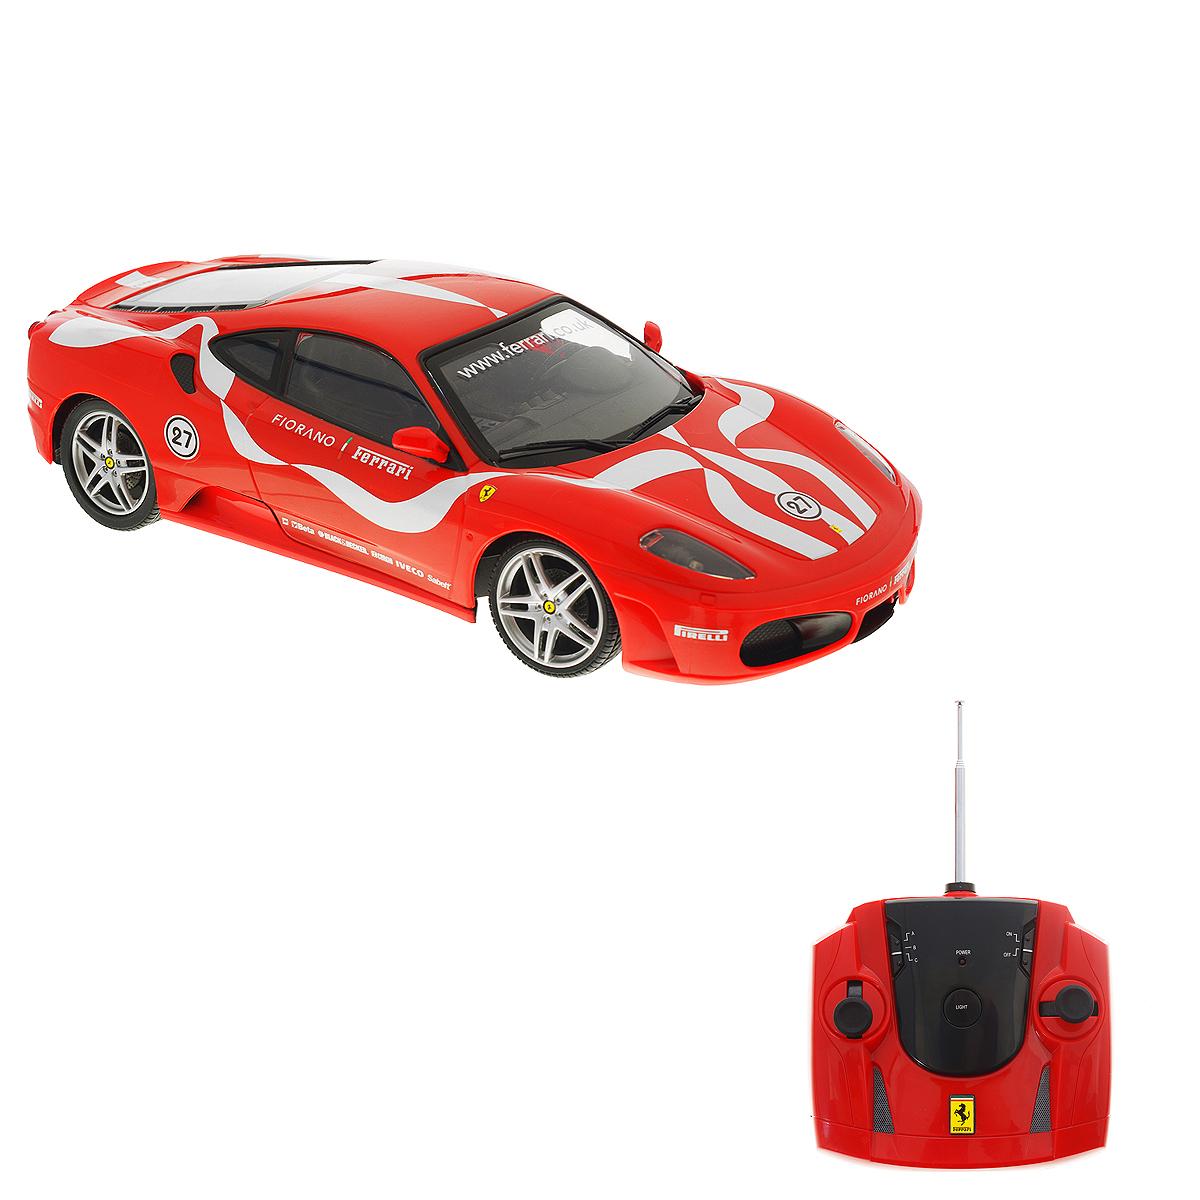 """Радиоуправляемая модель Silverlit """"Ferrari Fiorano"""" обязательно привлечет внимание взрослого и ребенка и понравится любому, кто увлекается автомобилями. Маневренная и реалистичная уменьшенная копия Ferrari Fiorano выполнена в точной детализации с настоящим автомобилем. Управление машинкой происходит с помощью пульта. Машинка двигается вперед и назад, поворачивает направо и налево (в том числе задним ходом). Игрушка оснащена световыми эффектами: у нее светятся фары, горят поворотные огни и стоп-сигналы. При движении машинки фары можно отключить с помощью пульта. Стоит лишь ребенку нажать кнопку на пульте, как у автомобиля загорятся фары, а его мотор будет издавать характерные звуки. Машинка может разгоняться до 20 км в час, но даже на этой скорости прекрасно входит во все повороты. У игрушки колеса прорезинены, поэтому она обеспечивает плавный ход игрушки и не портит напольное покрытие. В комплект входит инструкция по эксплуатации на русском языке. Продукция..."""